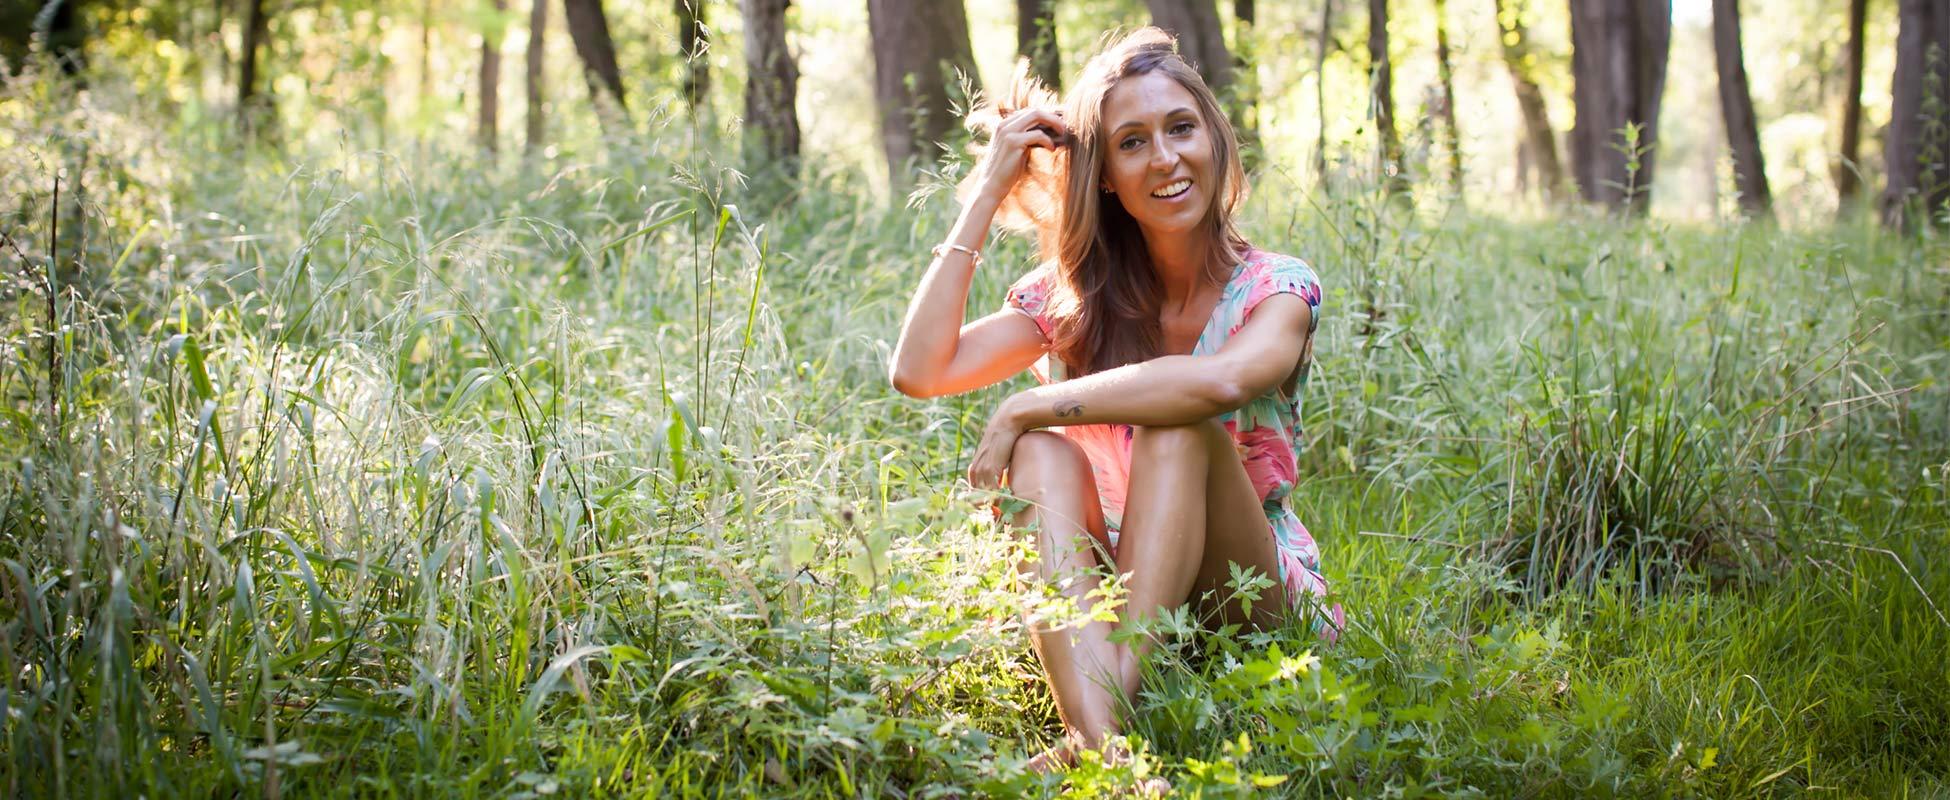 La naturopatia è vivere a contatto con la natura